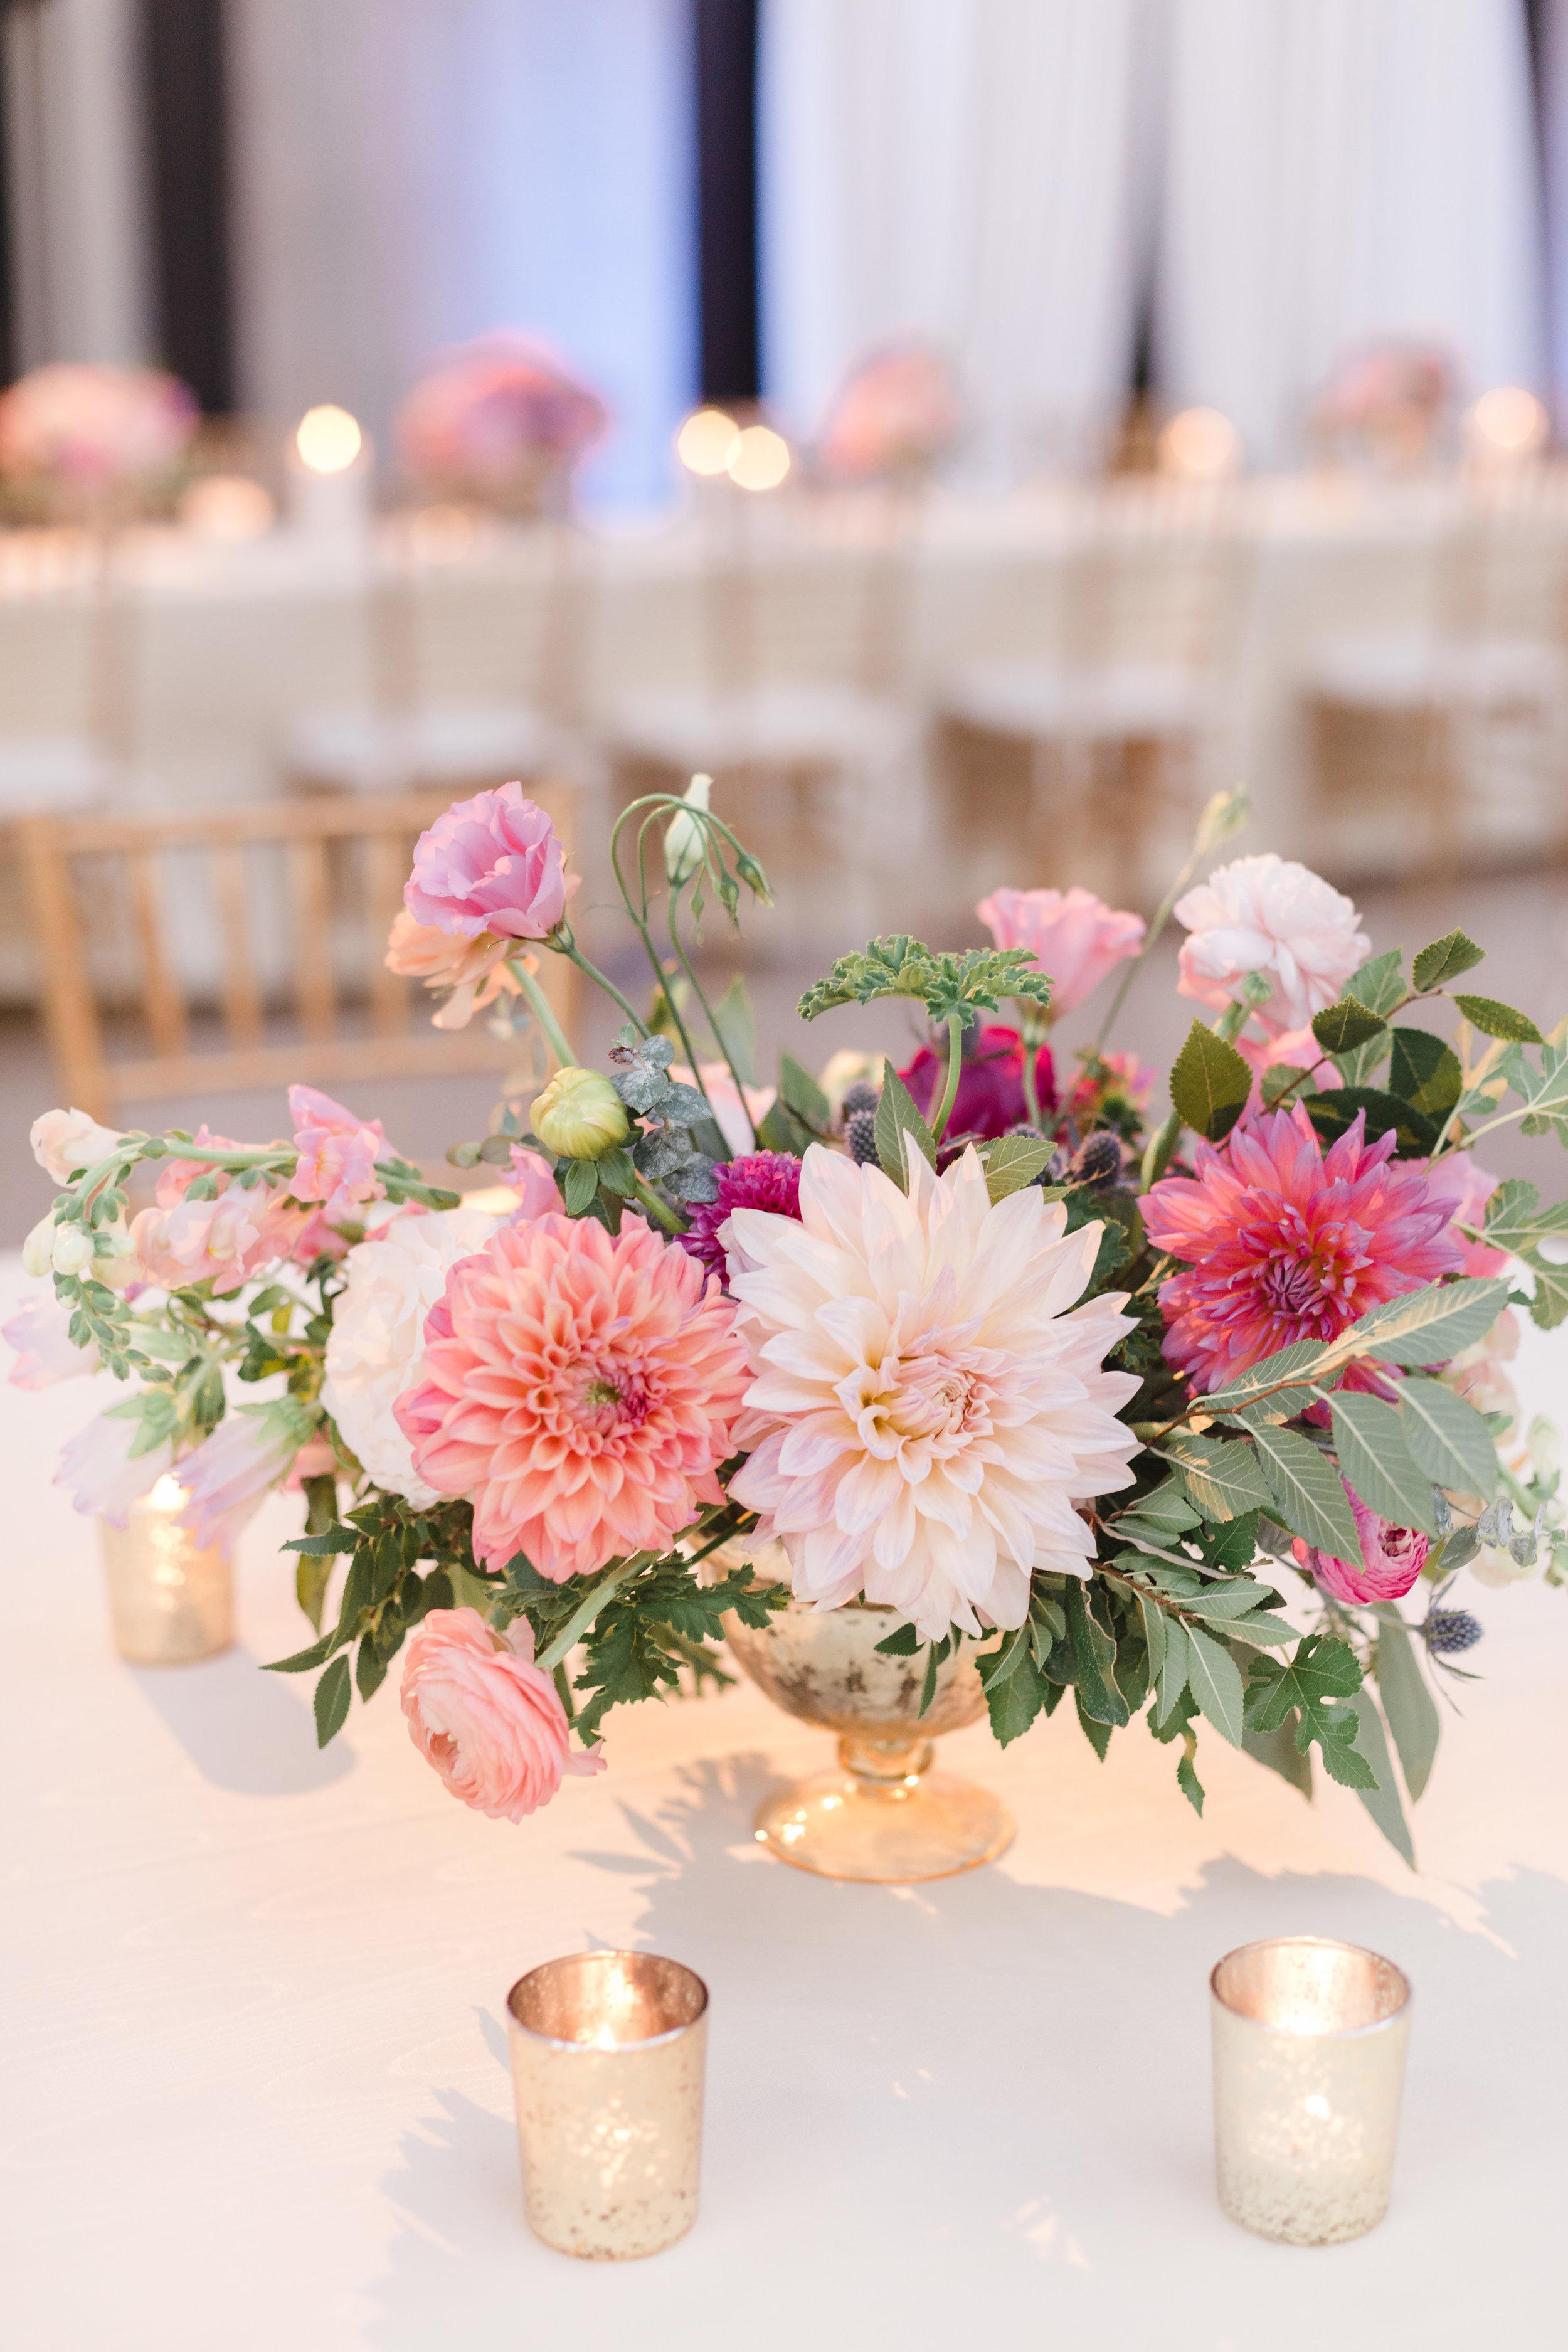 07_29_17_Wedding_0644.jpg